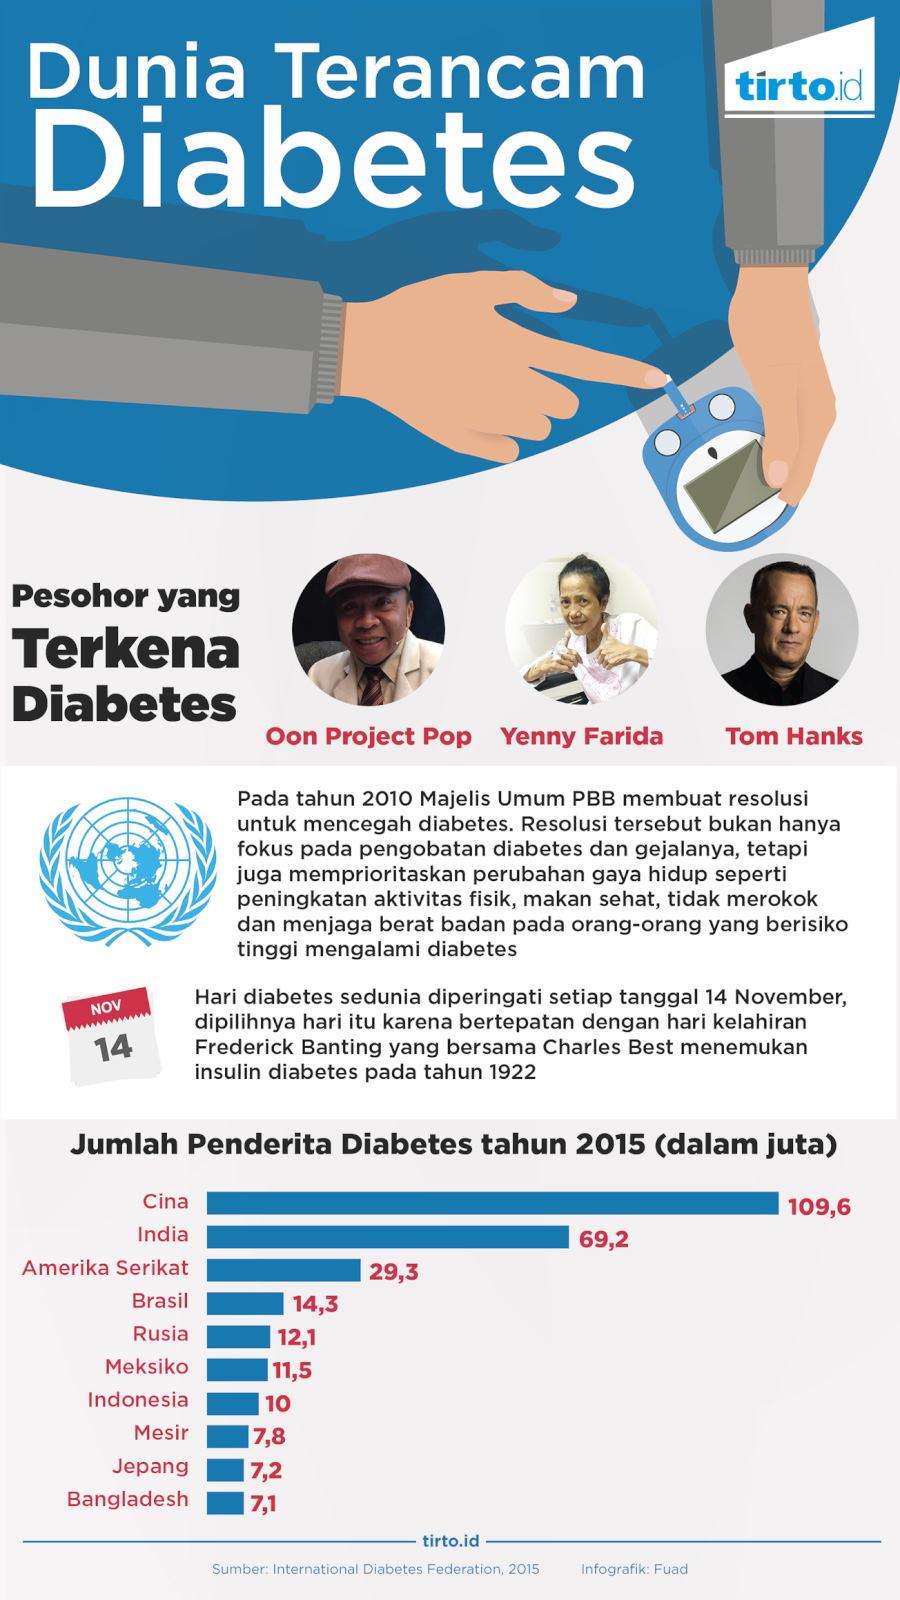 data jumlah penderita diabetes di indonesia